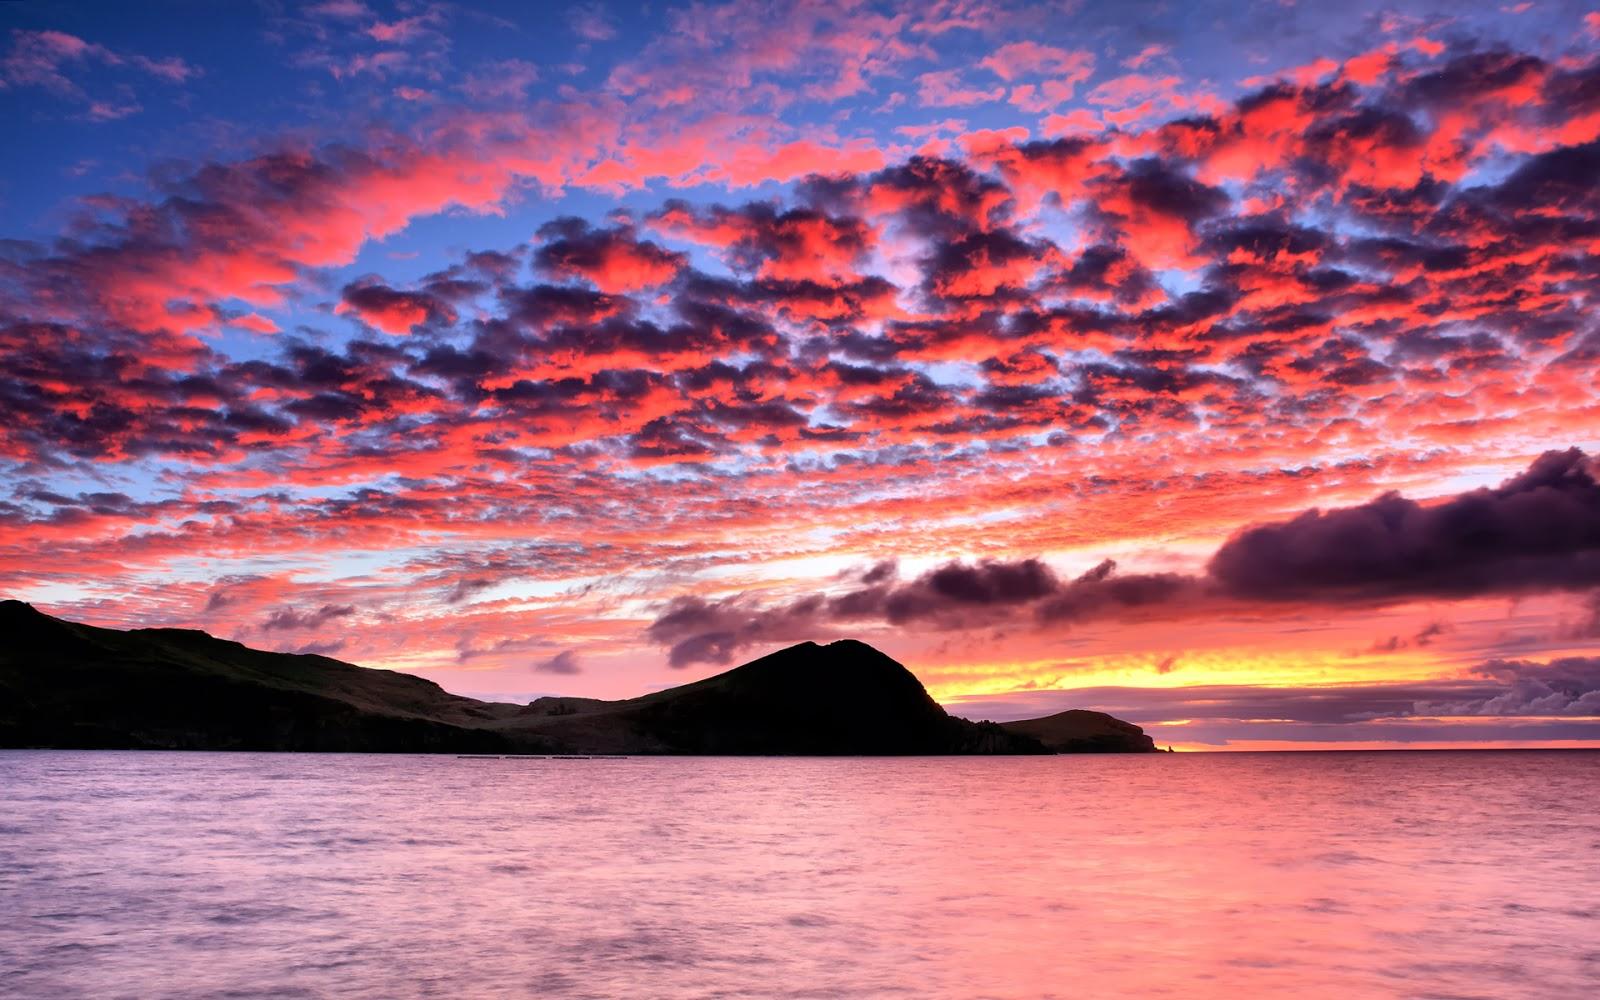 """<img src=""""http://2.bp.blogspot.com/-OsRS6yIjYV0/Ut7WO3-yxII/AAAAAAAAJrw/i7EPsdH8xc0/s1600/after-sunset.jpg"""" alt=""""sunset"""" />"""